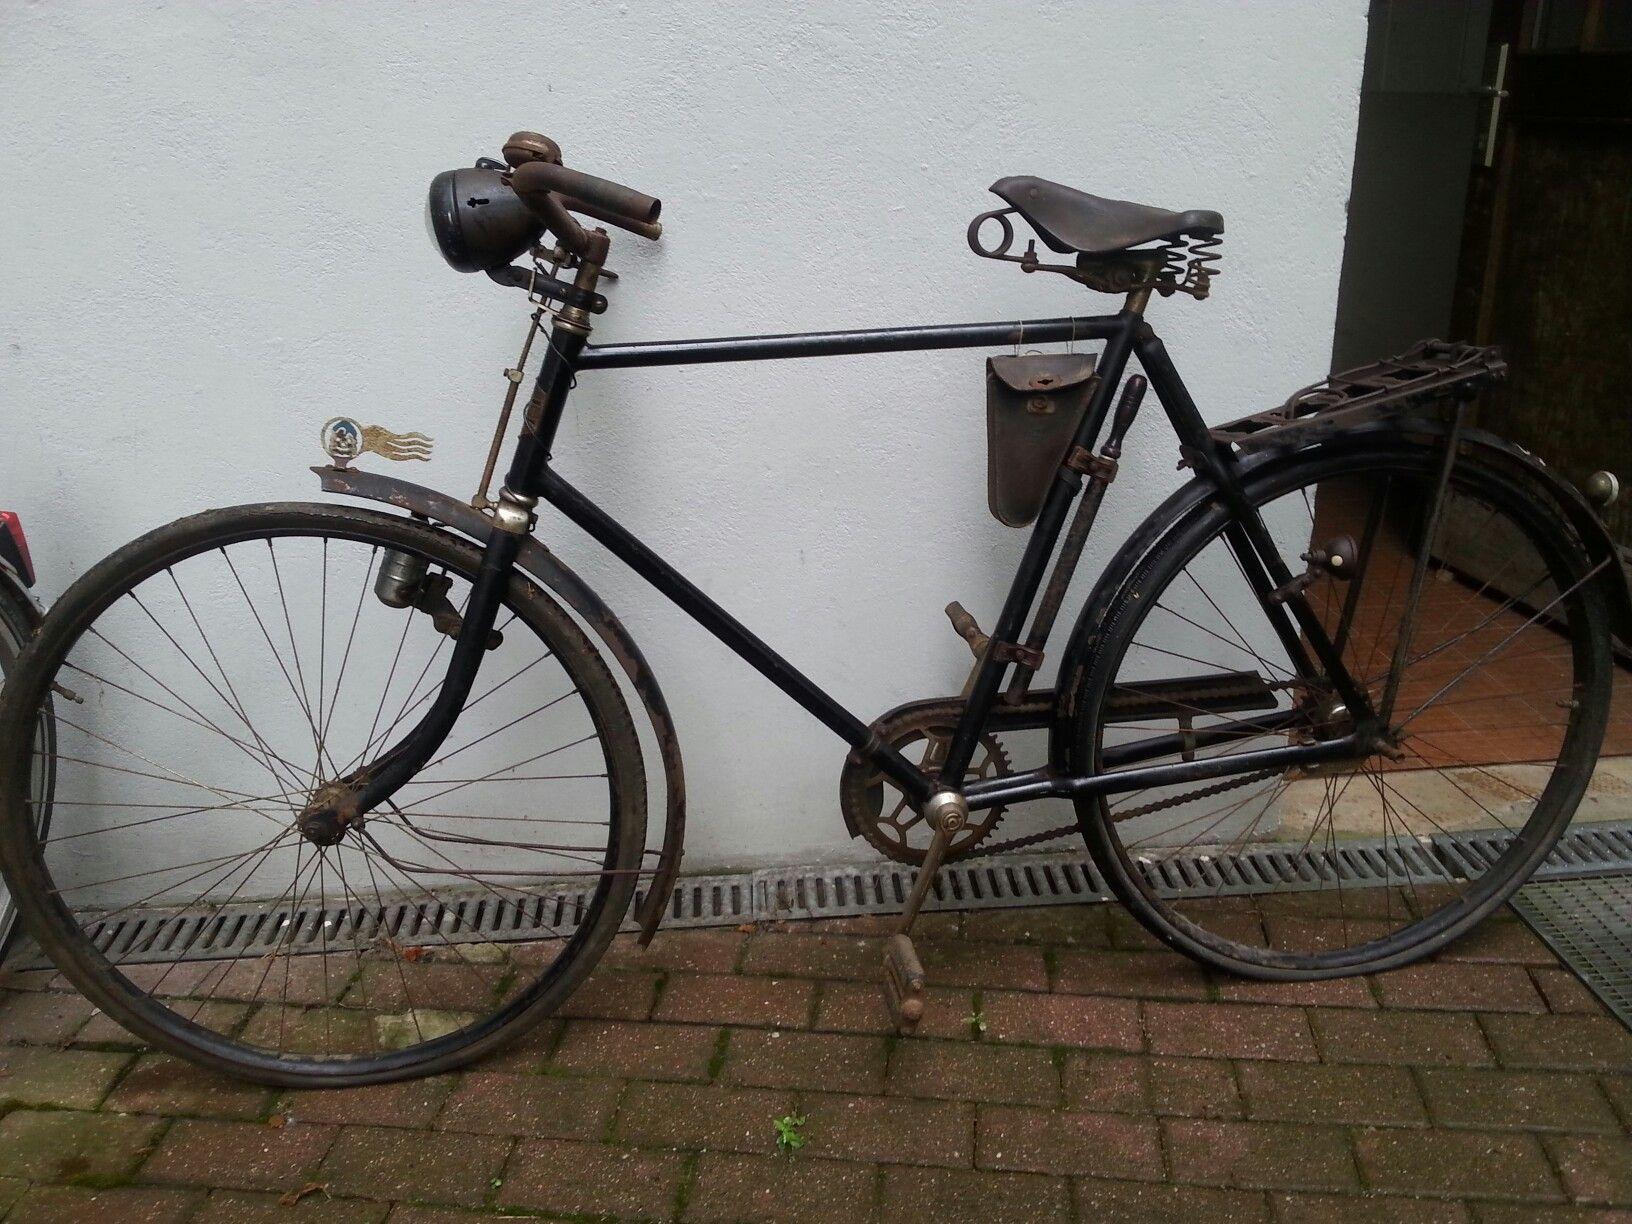 DDR Diamant Fahrrad | Ddr fahrrad, Fahrrad ideen, Retro fahrrad